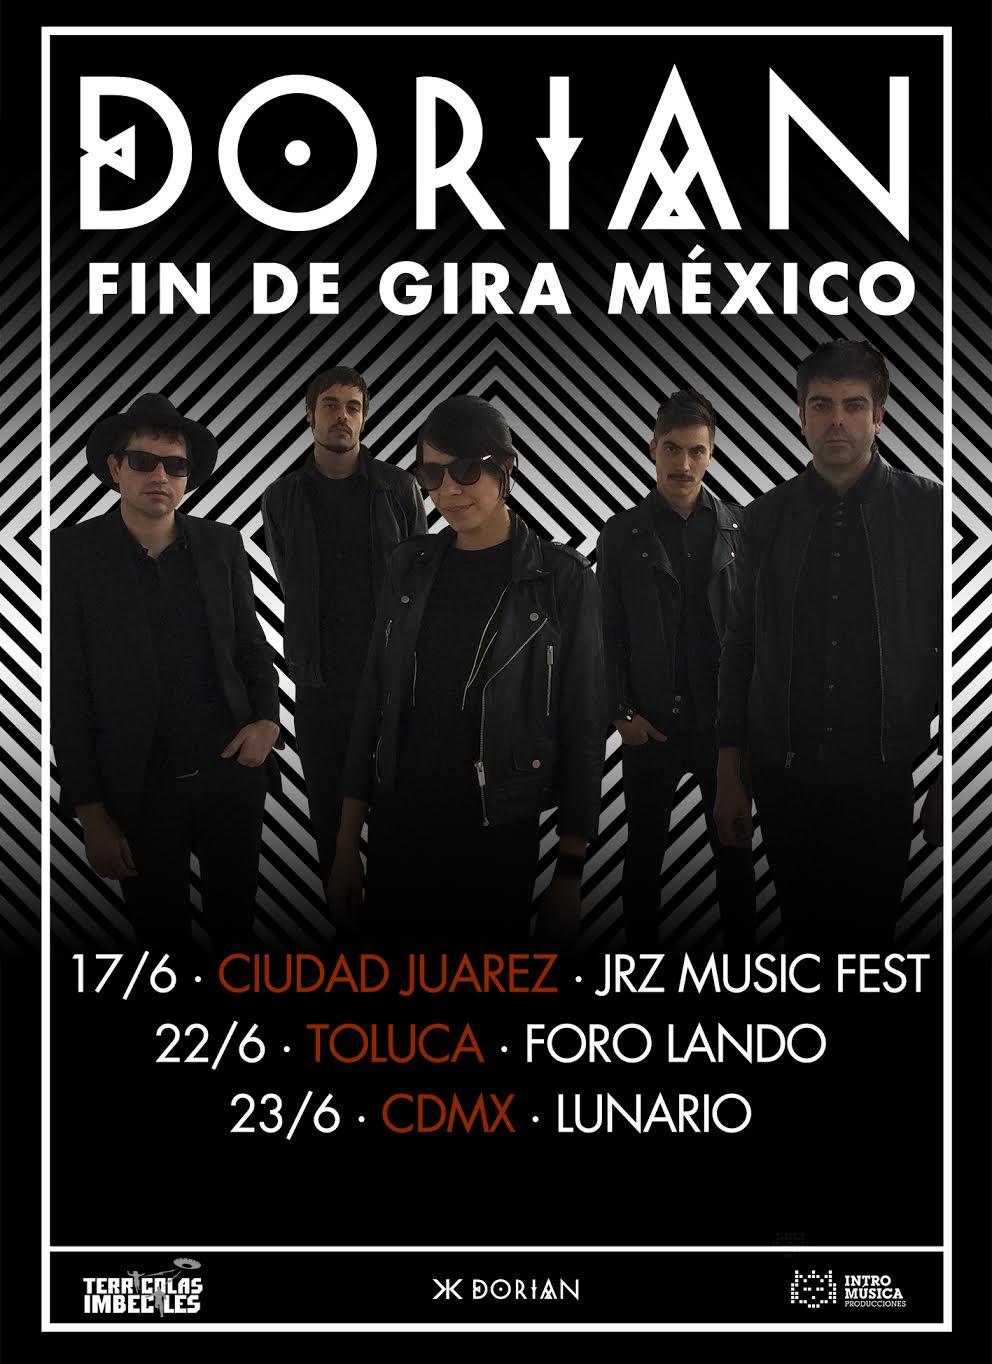 Dorian_gira_mexico_2017